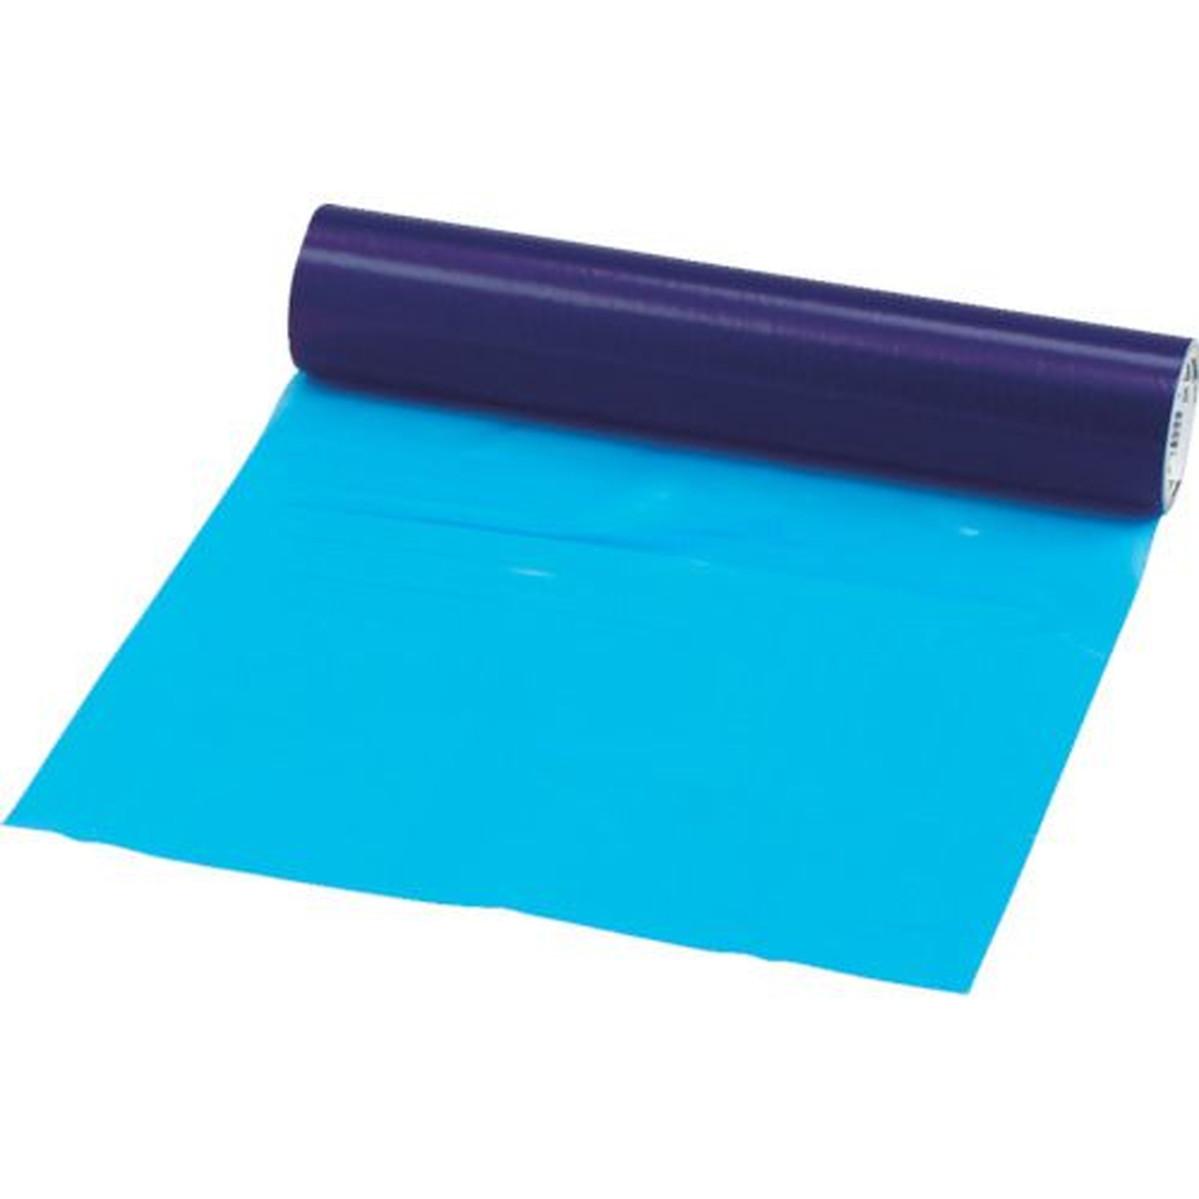 2020高い素材  TRUSCO 1巻 表面保護テープ ブルー 環境対応タイプ ブルー 幅500mmX長さ100m 幅500mmX長さ100m 1巻, 写真プリントのデジカメプリント:1d088fa6 --- kventurepartners.sakura.ne.jp